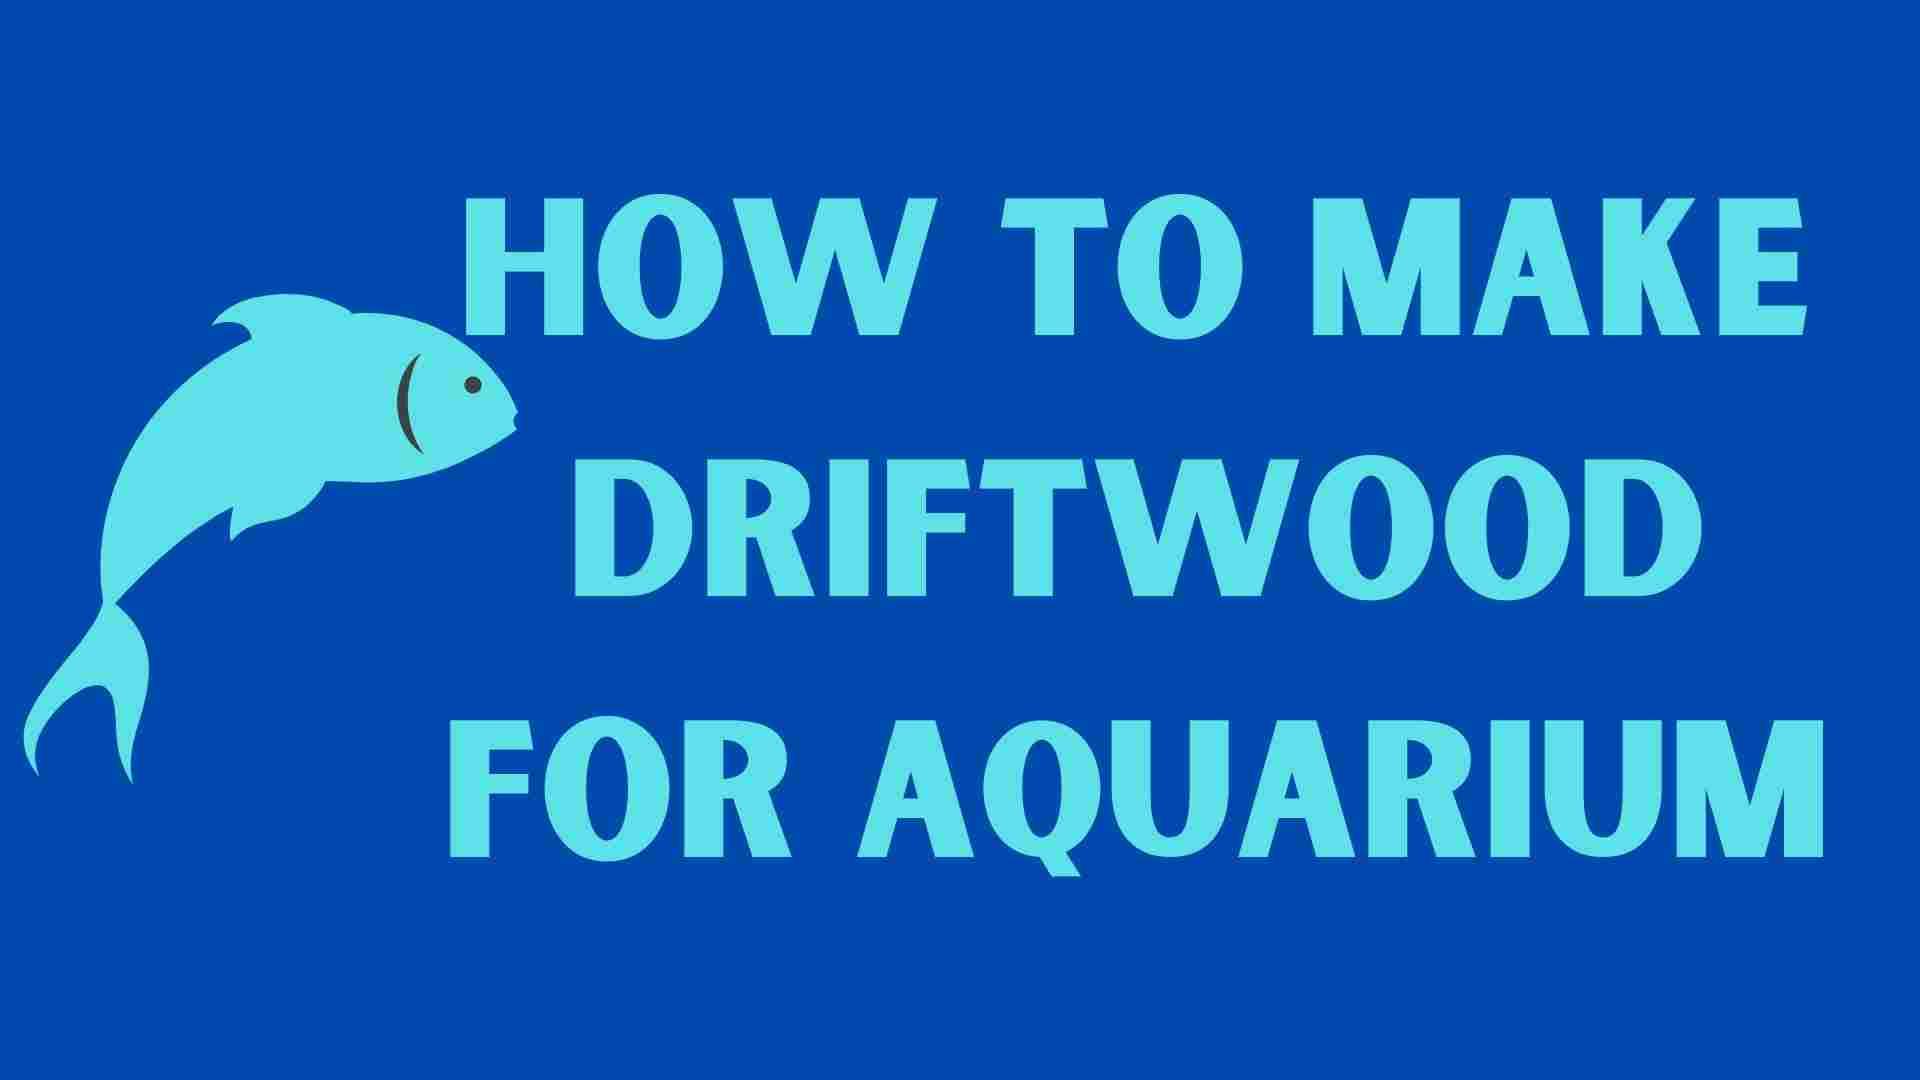 How to Make Driftwood for Aquarium